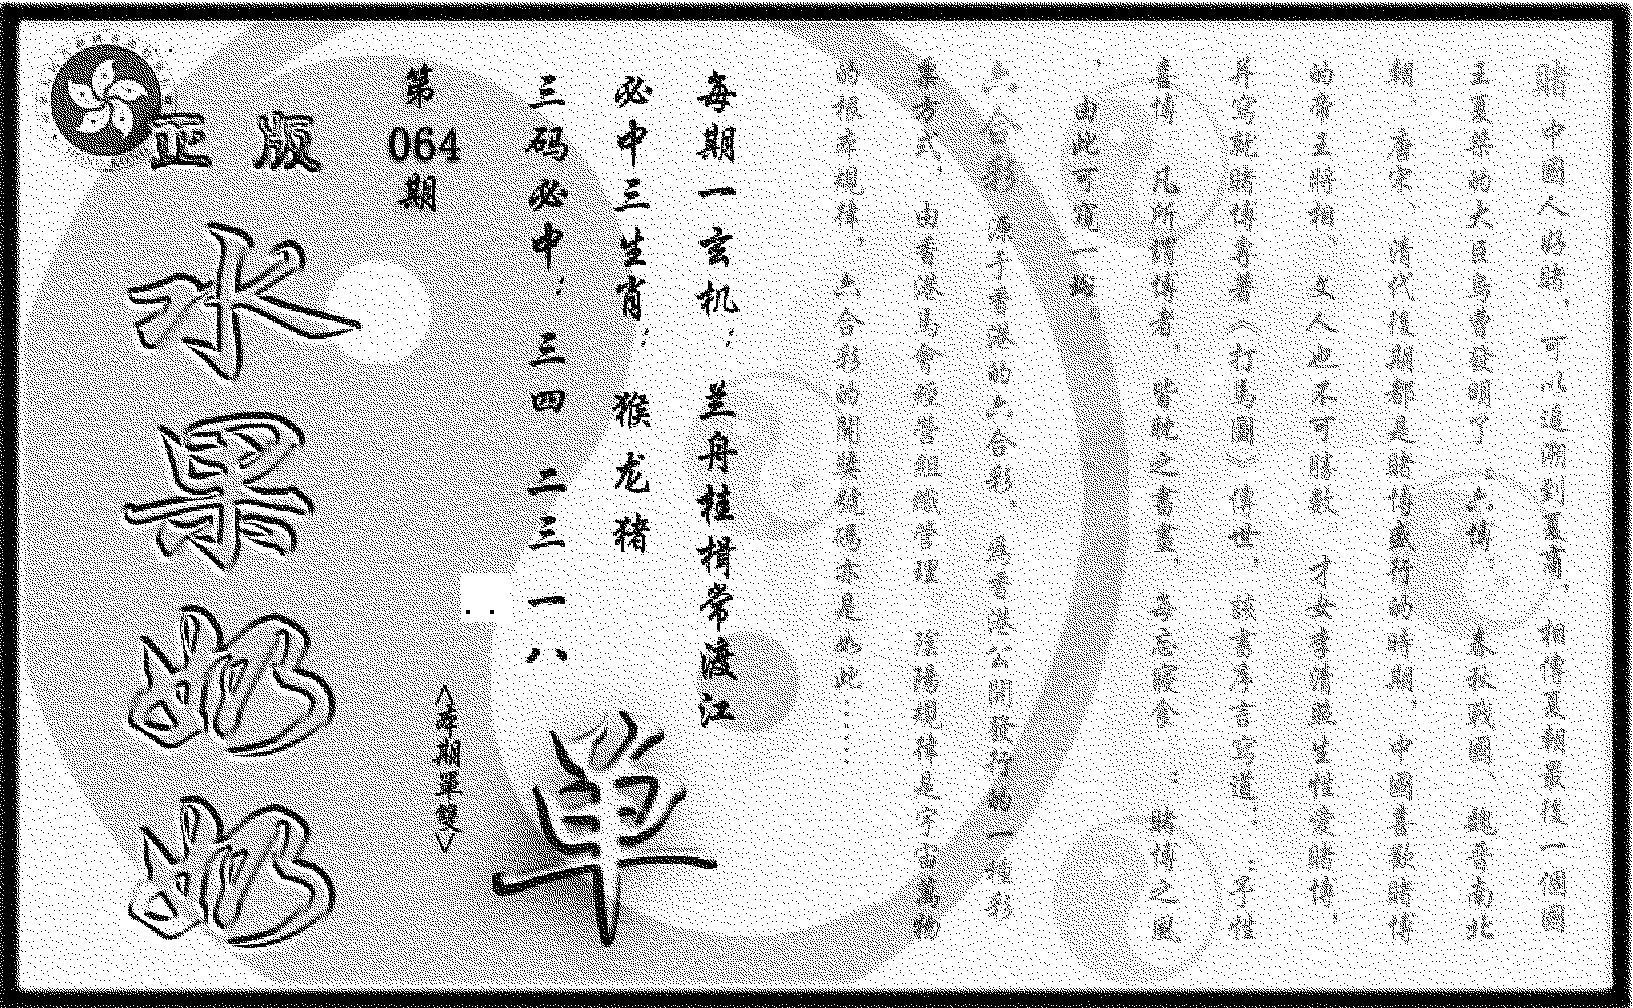 064期(九龙单双攻略)正版(黑白)